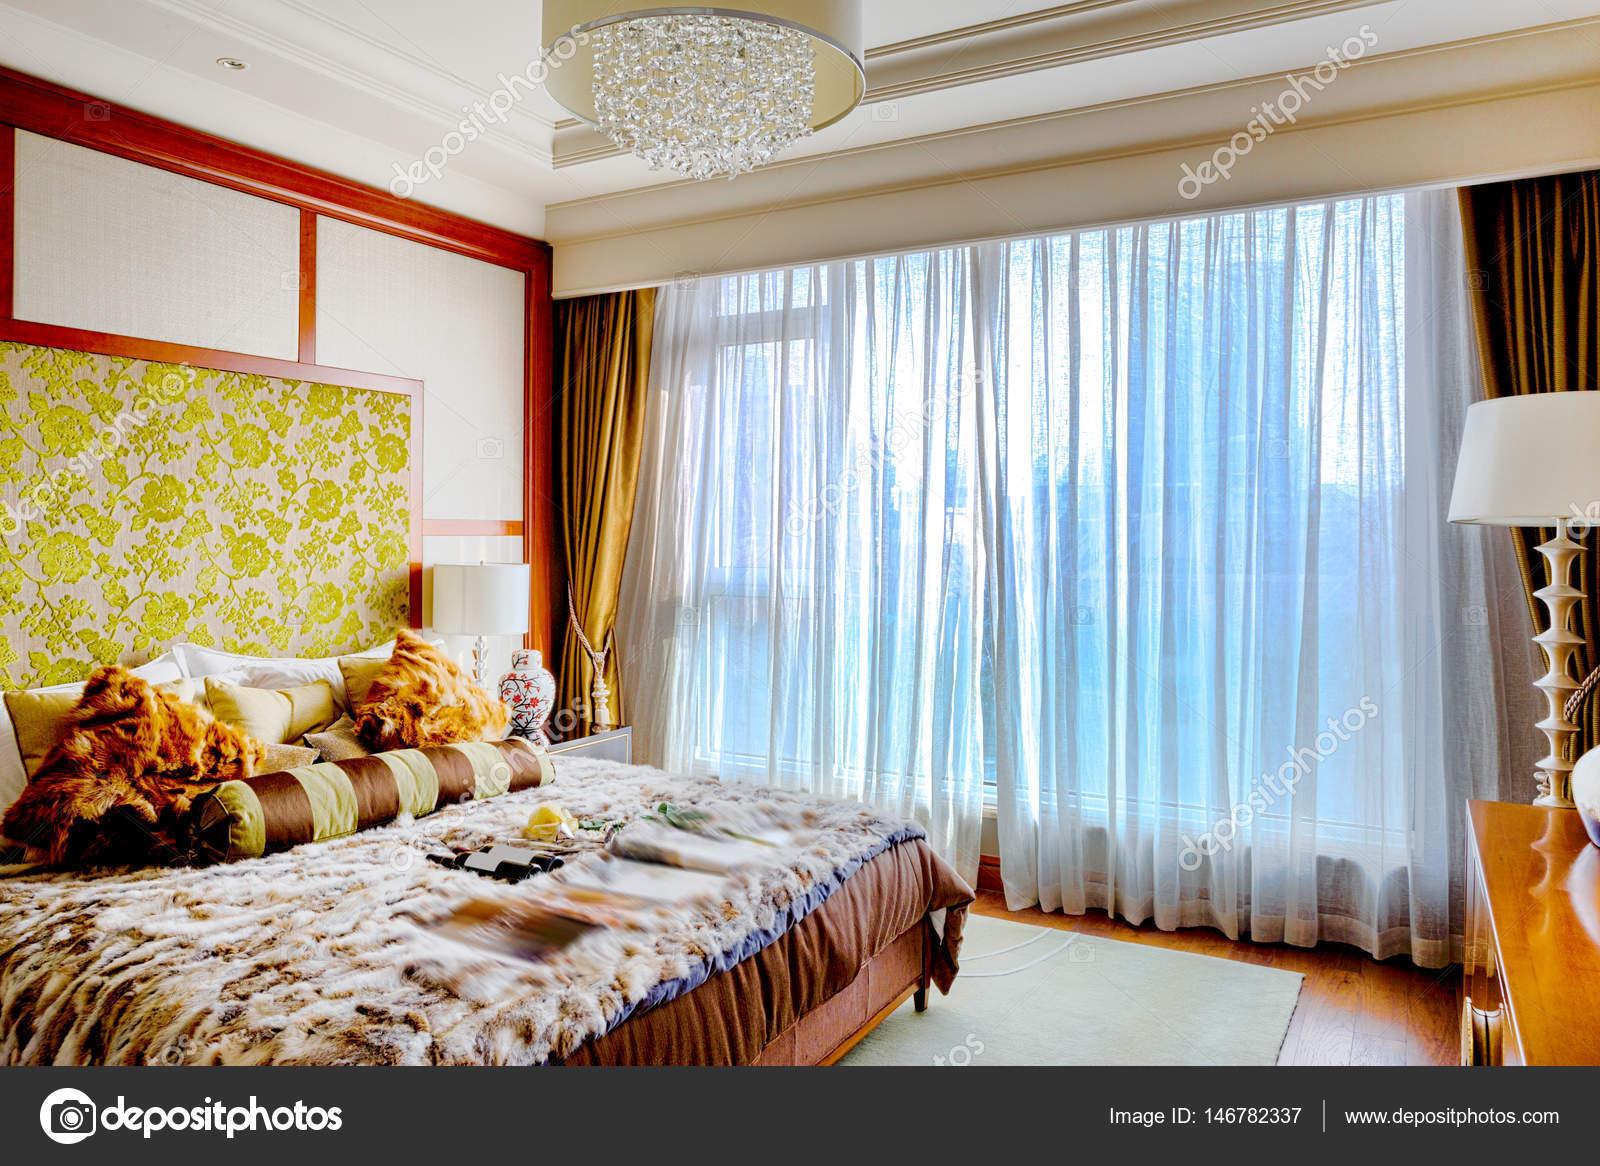 interieur van moderne slaapkamer — Stockfoto © zhudifeng #146782337